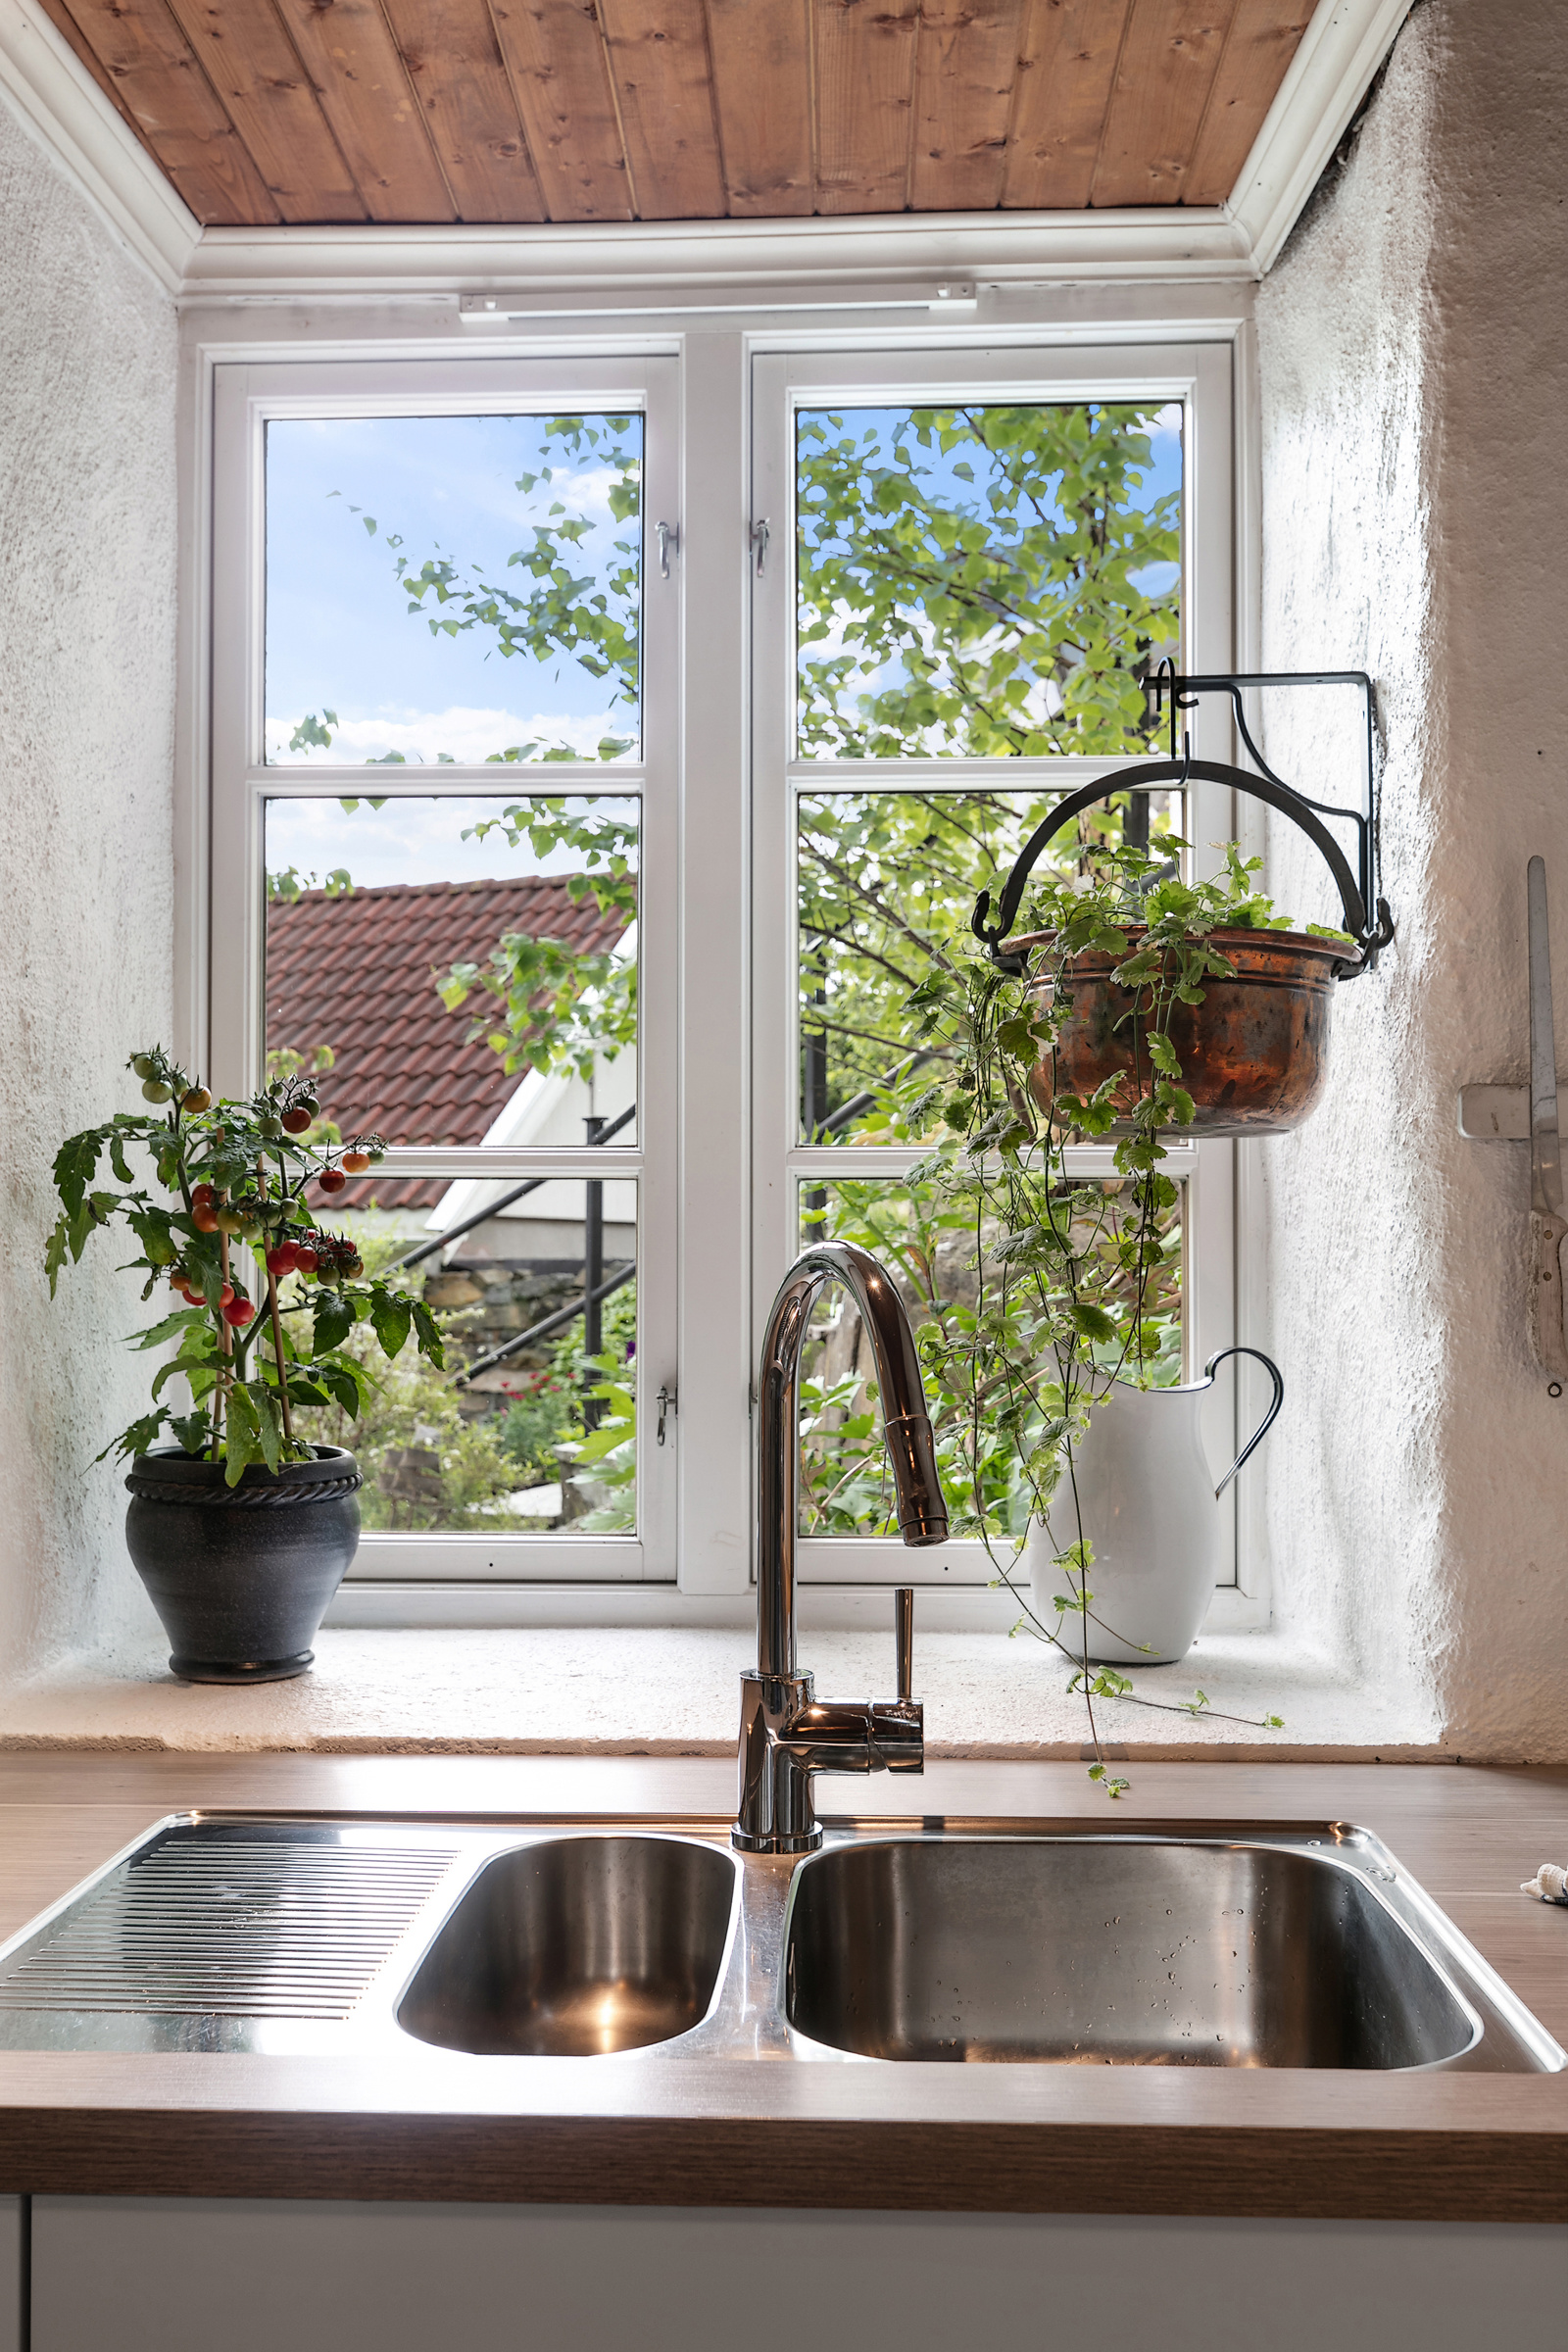 Fra kjøkkenet har du blant annet utsikt til den frodige hagen